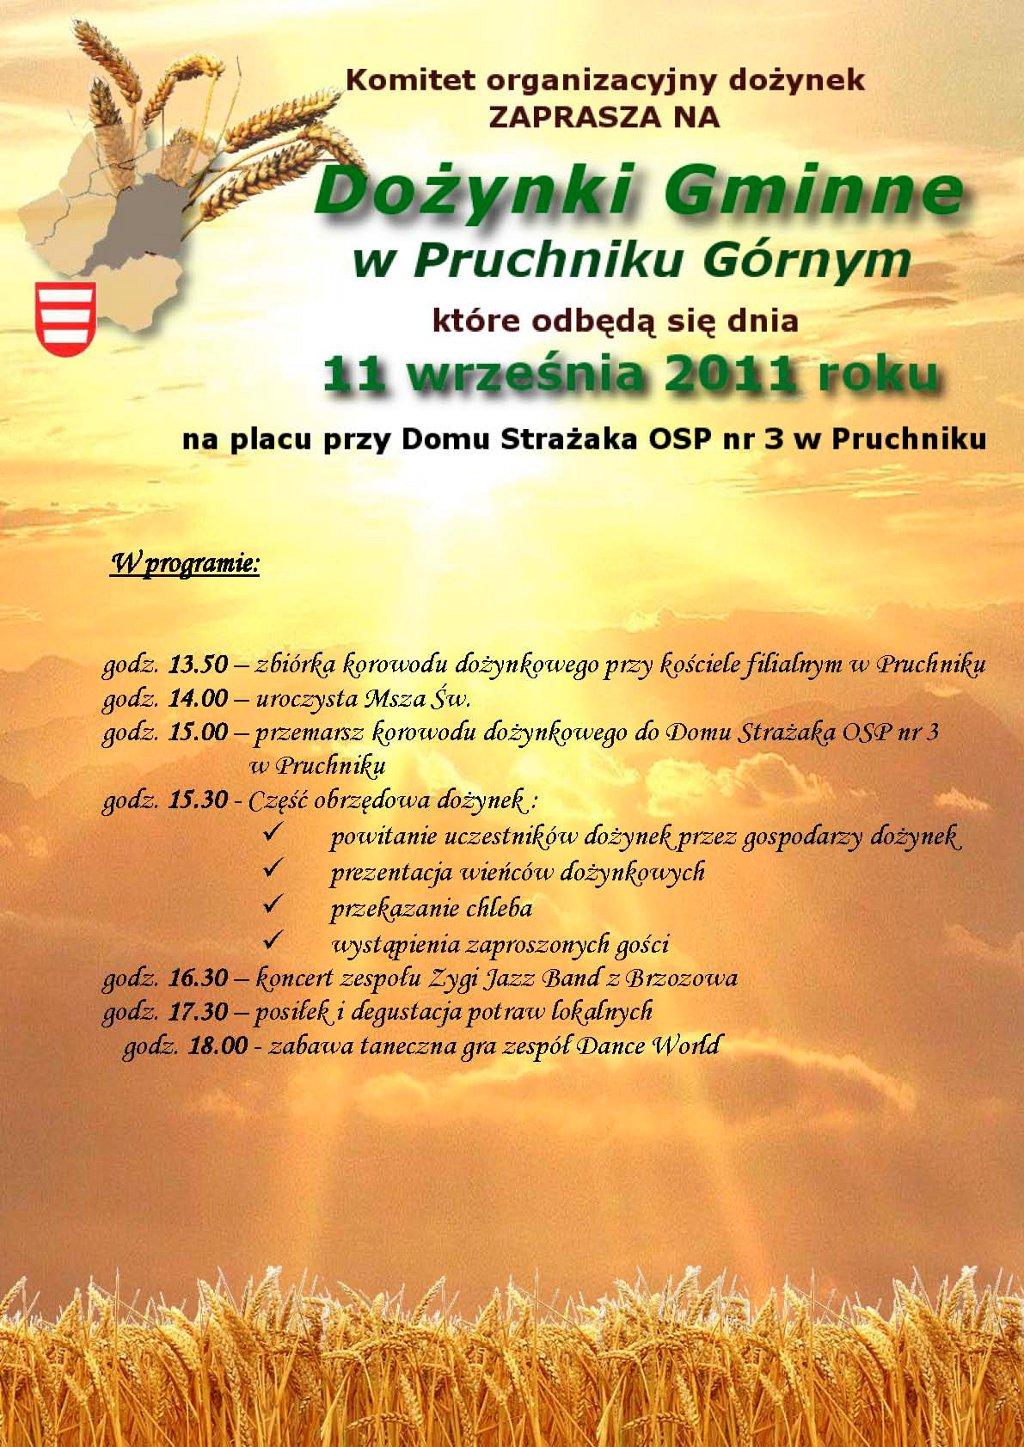 Galeria zdjęć: Zaproszenie na Dożynki Gminne 2011 - Pruchnik Górny